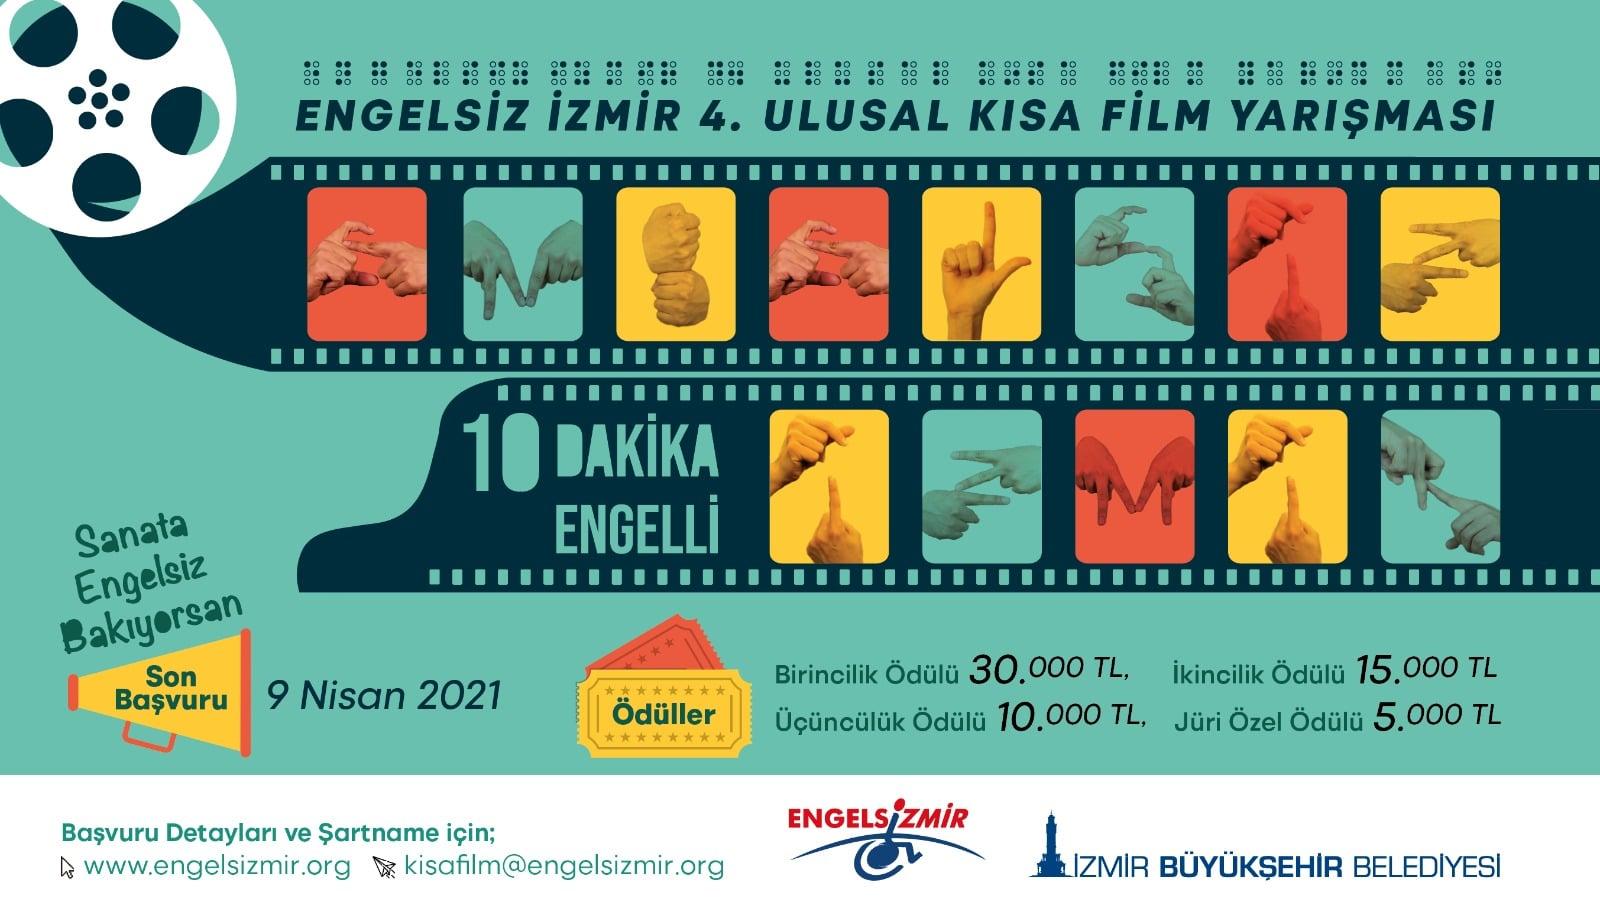 """Engelsiz İzmir 4. Ulusal Kısa Film Yarışması: """"10 Dakika Engelli""""nin sonuçları belli oldu"""